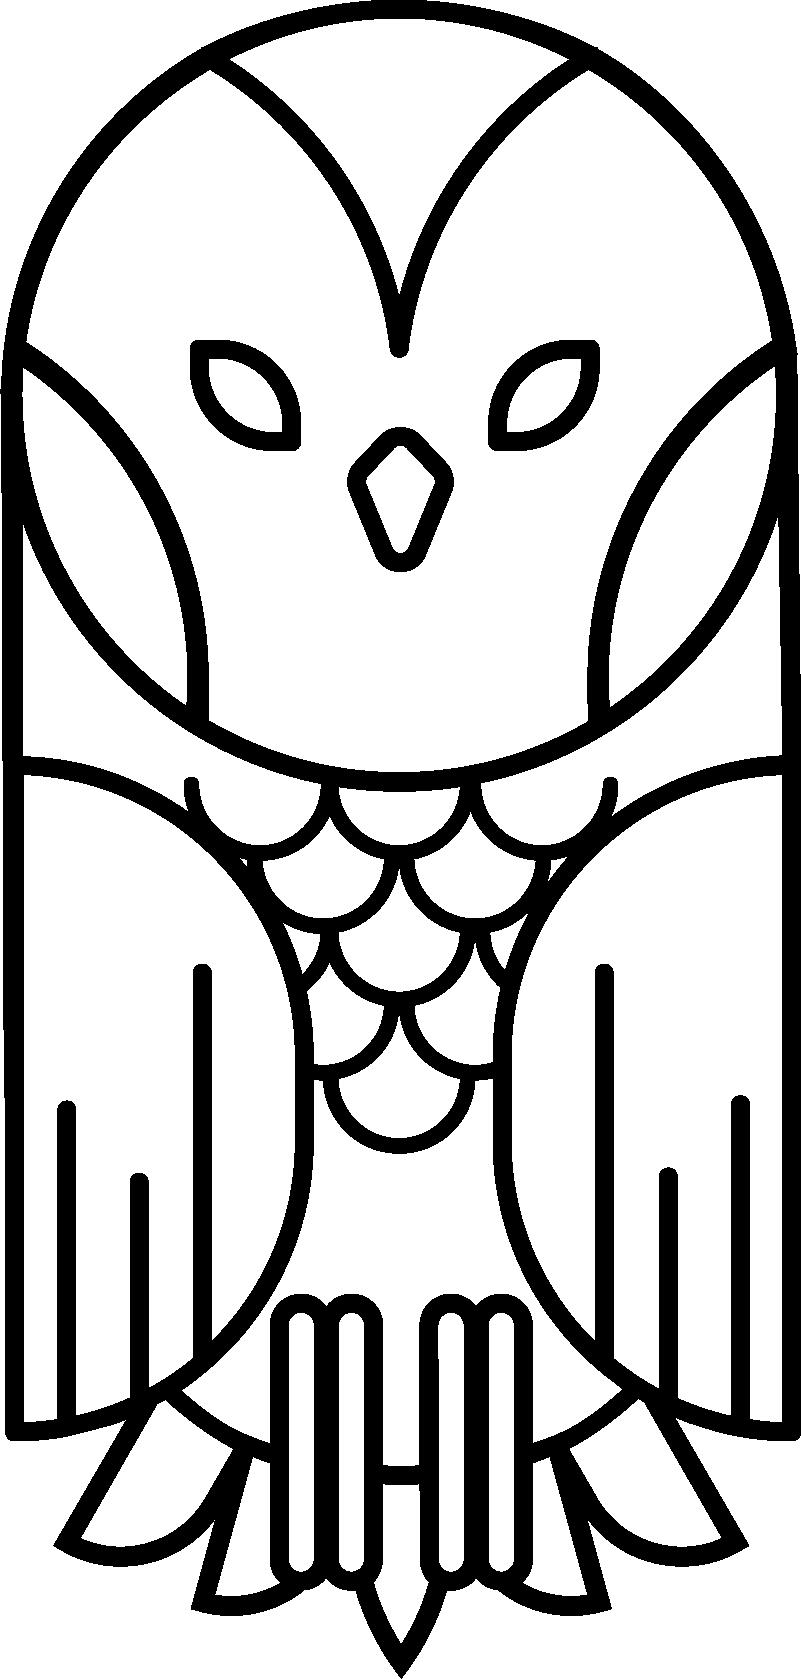 TenVinilo. Vinilo habitación juvenil búho geométrico. Pegatina minimalista silueteada formada por el dibujo de un búho creado partir de líneas y formas geométricas. Precios imbatibles.